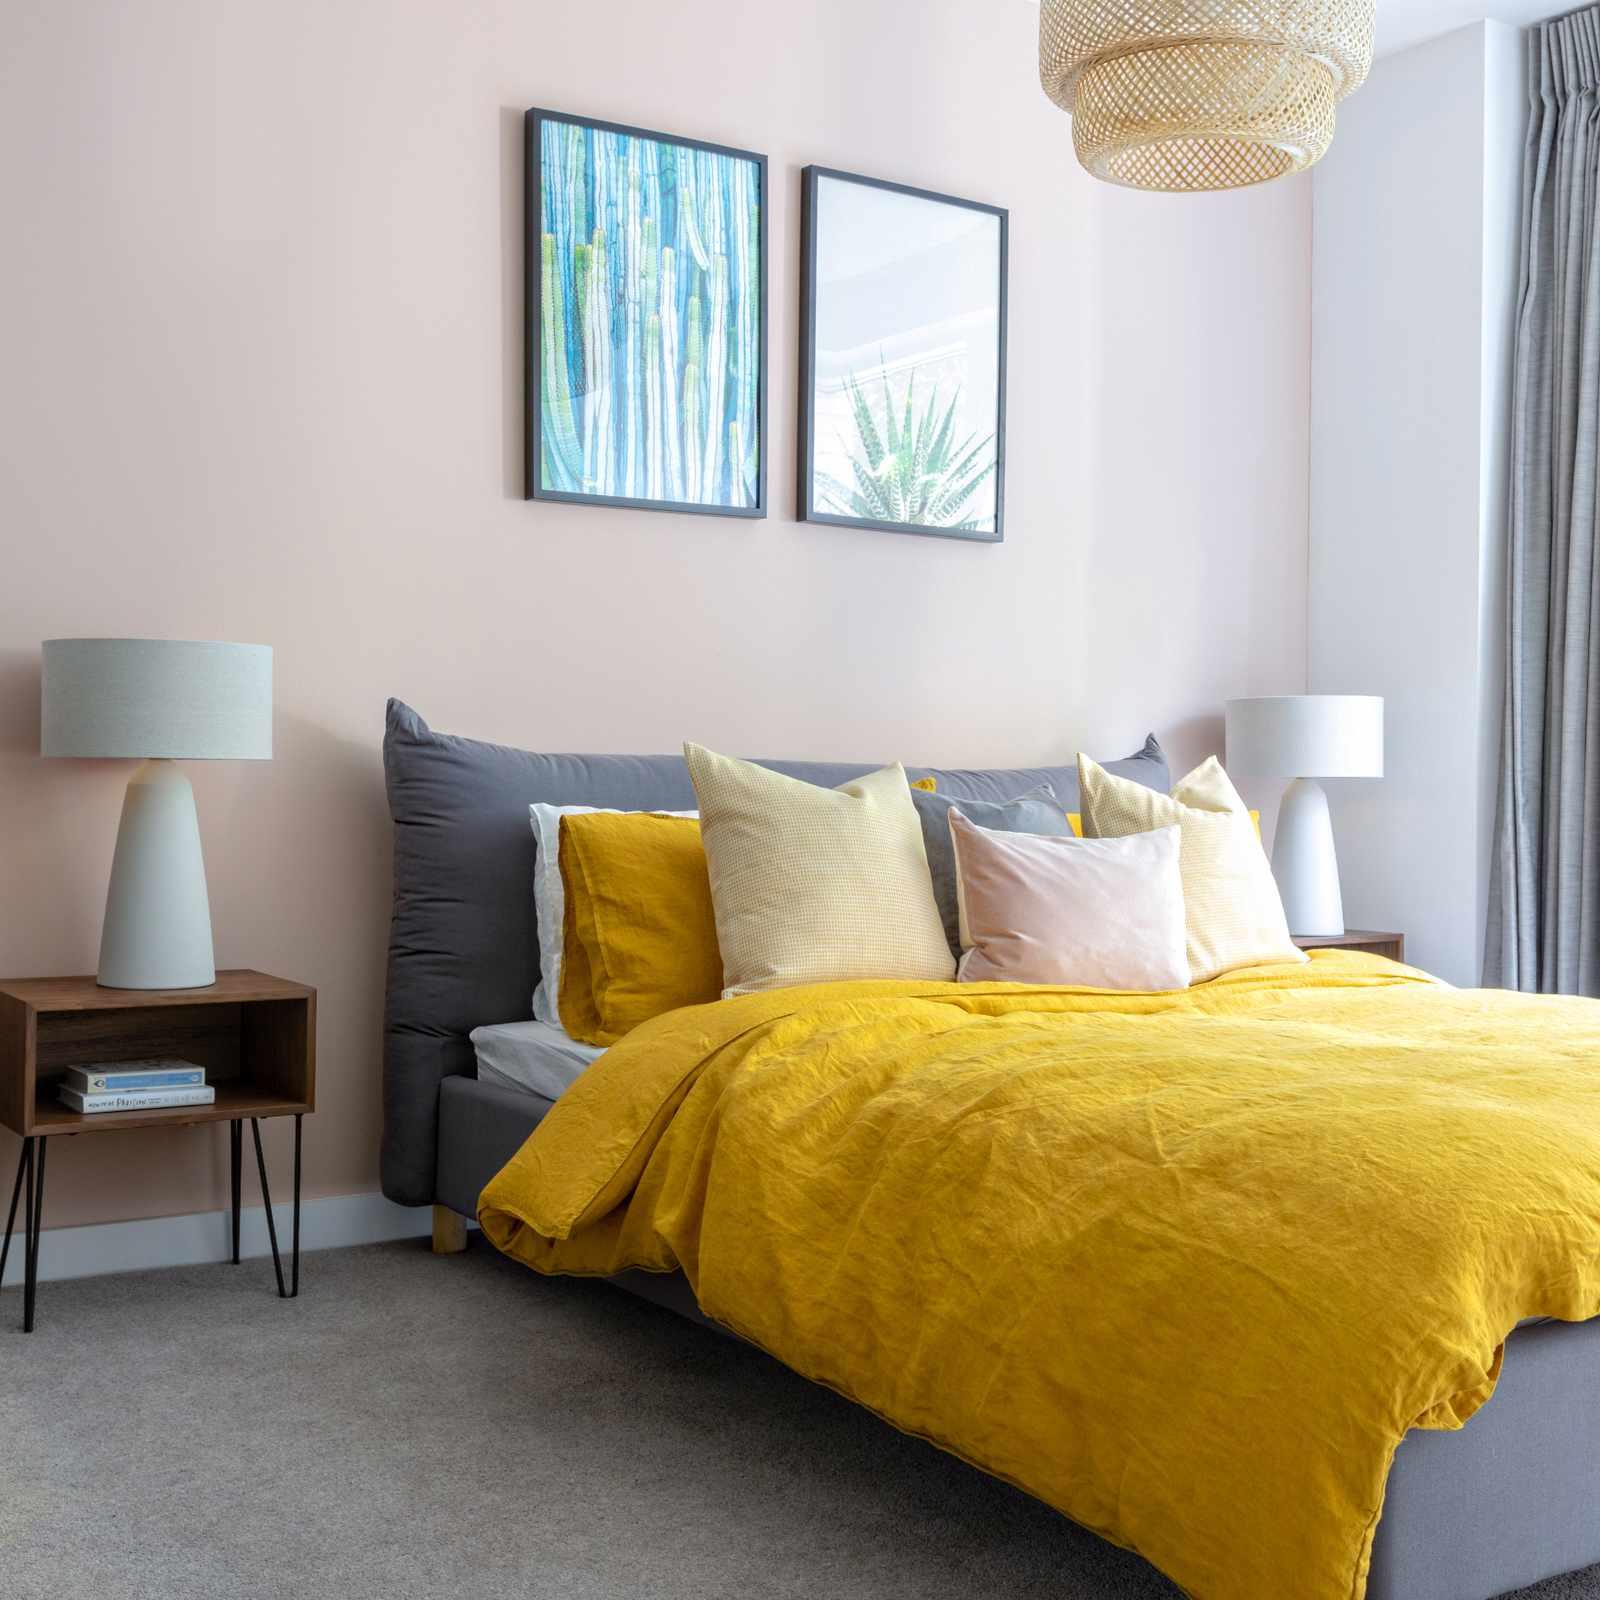 Bedroom with yellow linen duvet